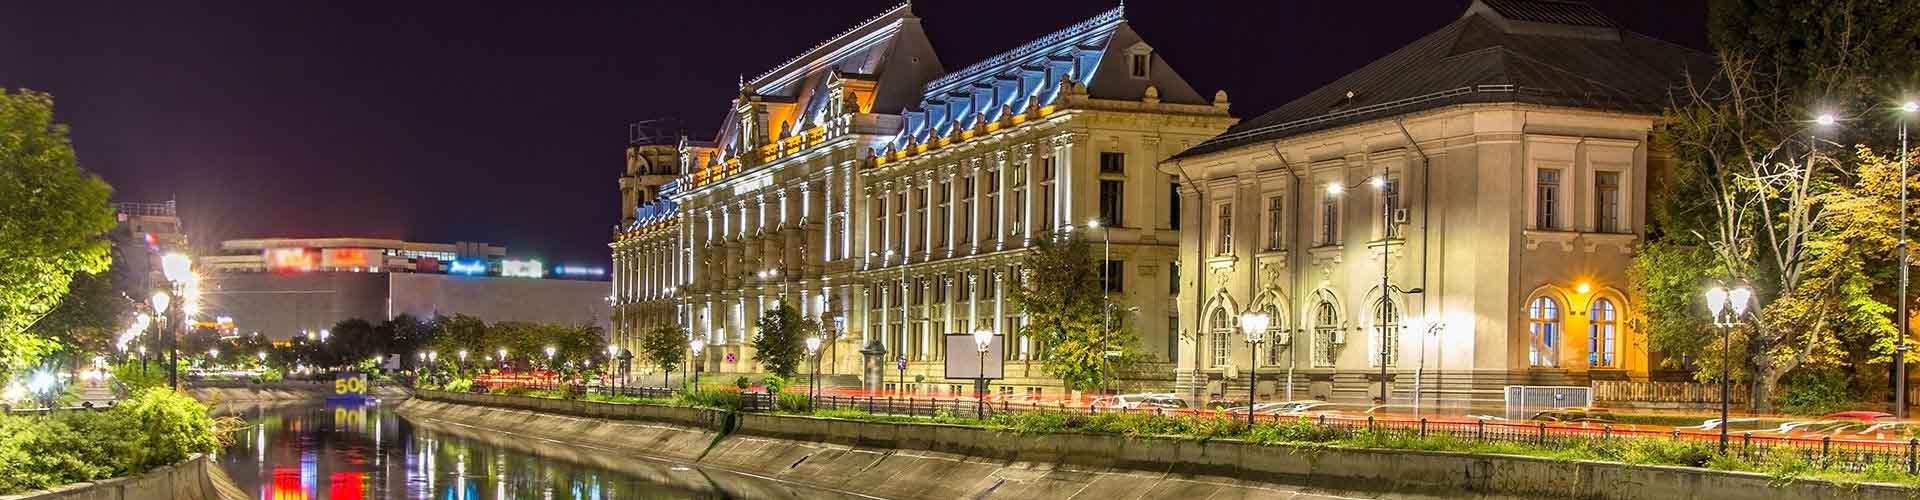 ブカレスト – ホステル ブカレスト. 地図 ブカレスト, すべてのホステルの写真とレビュー ブカレスト.